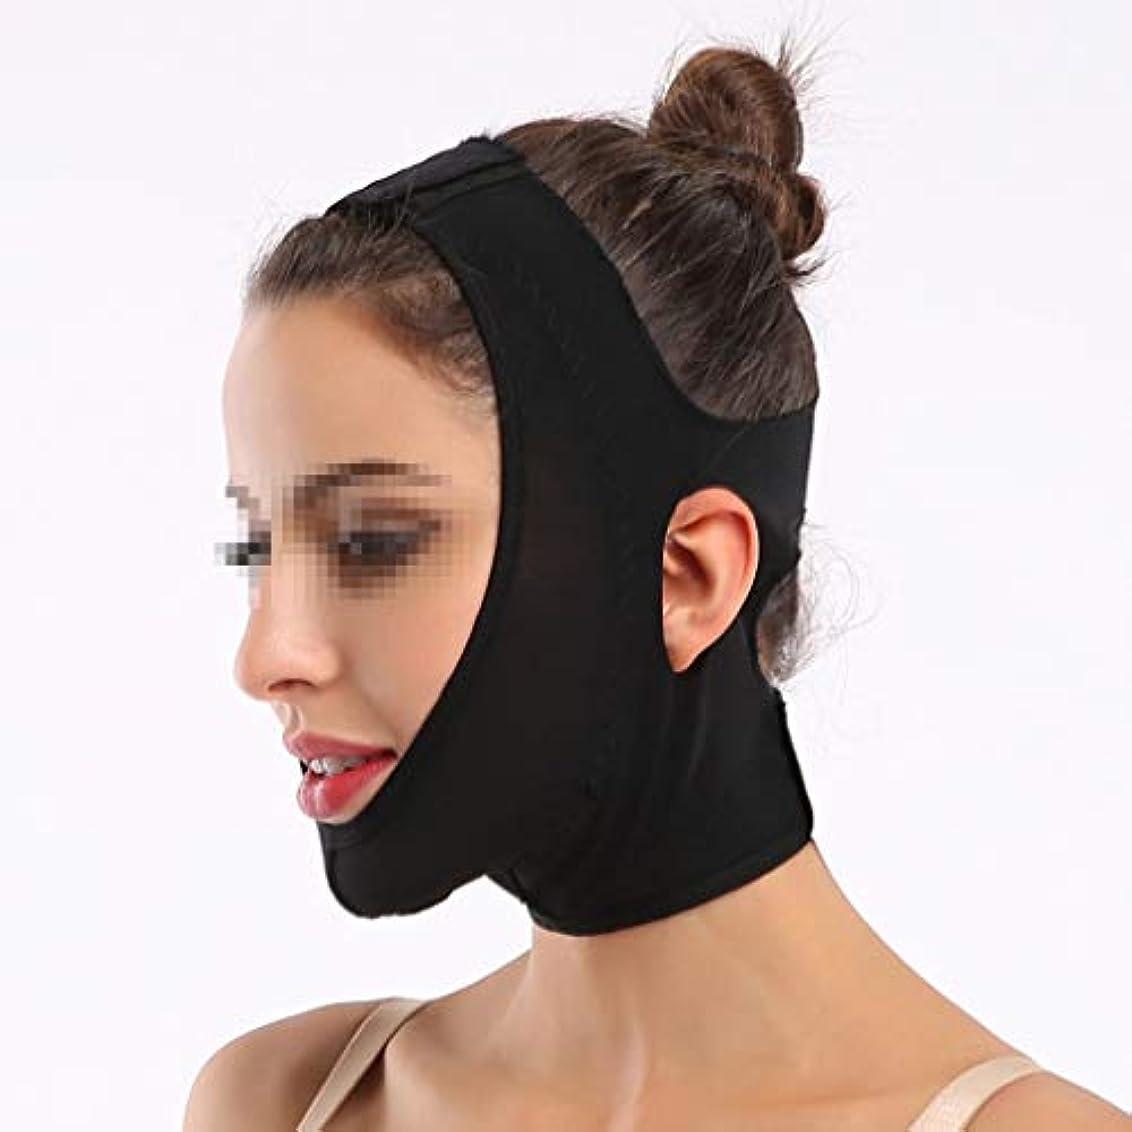 告白する場所チャームVフェイスマスク、包帯マスクを持ち上げて引き締めるスキニービューティーサロン1日2時間Vフェイスマッサージ術後回復